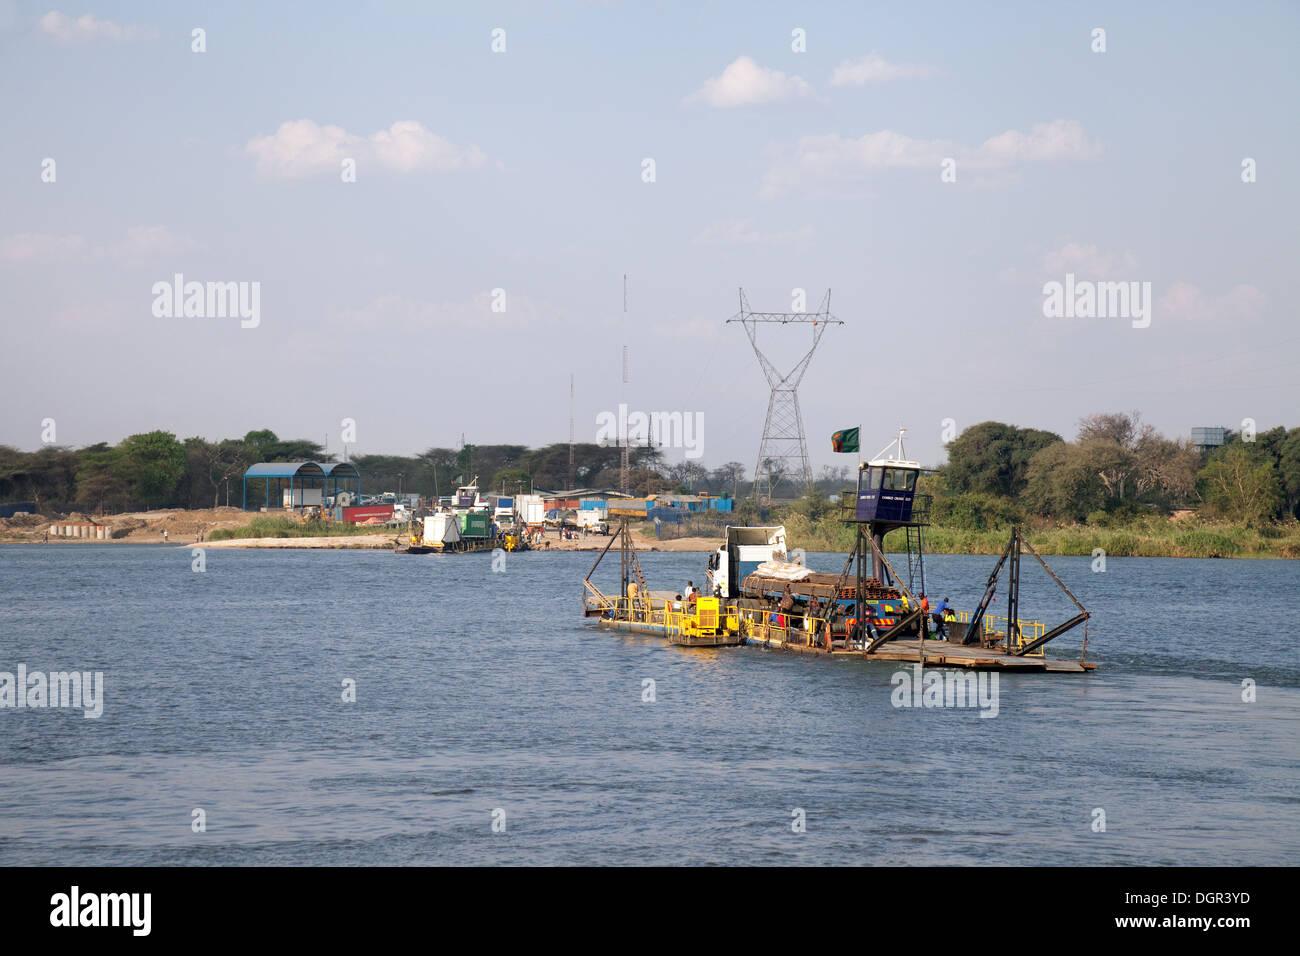 The Kazungula ferry transporting goods and people across the Zambezi river from Botswana to Zambia, Africa - Stock Image